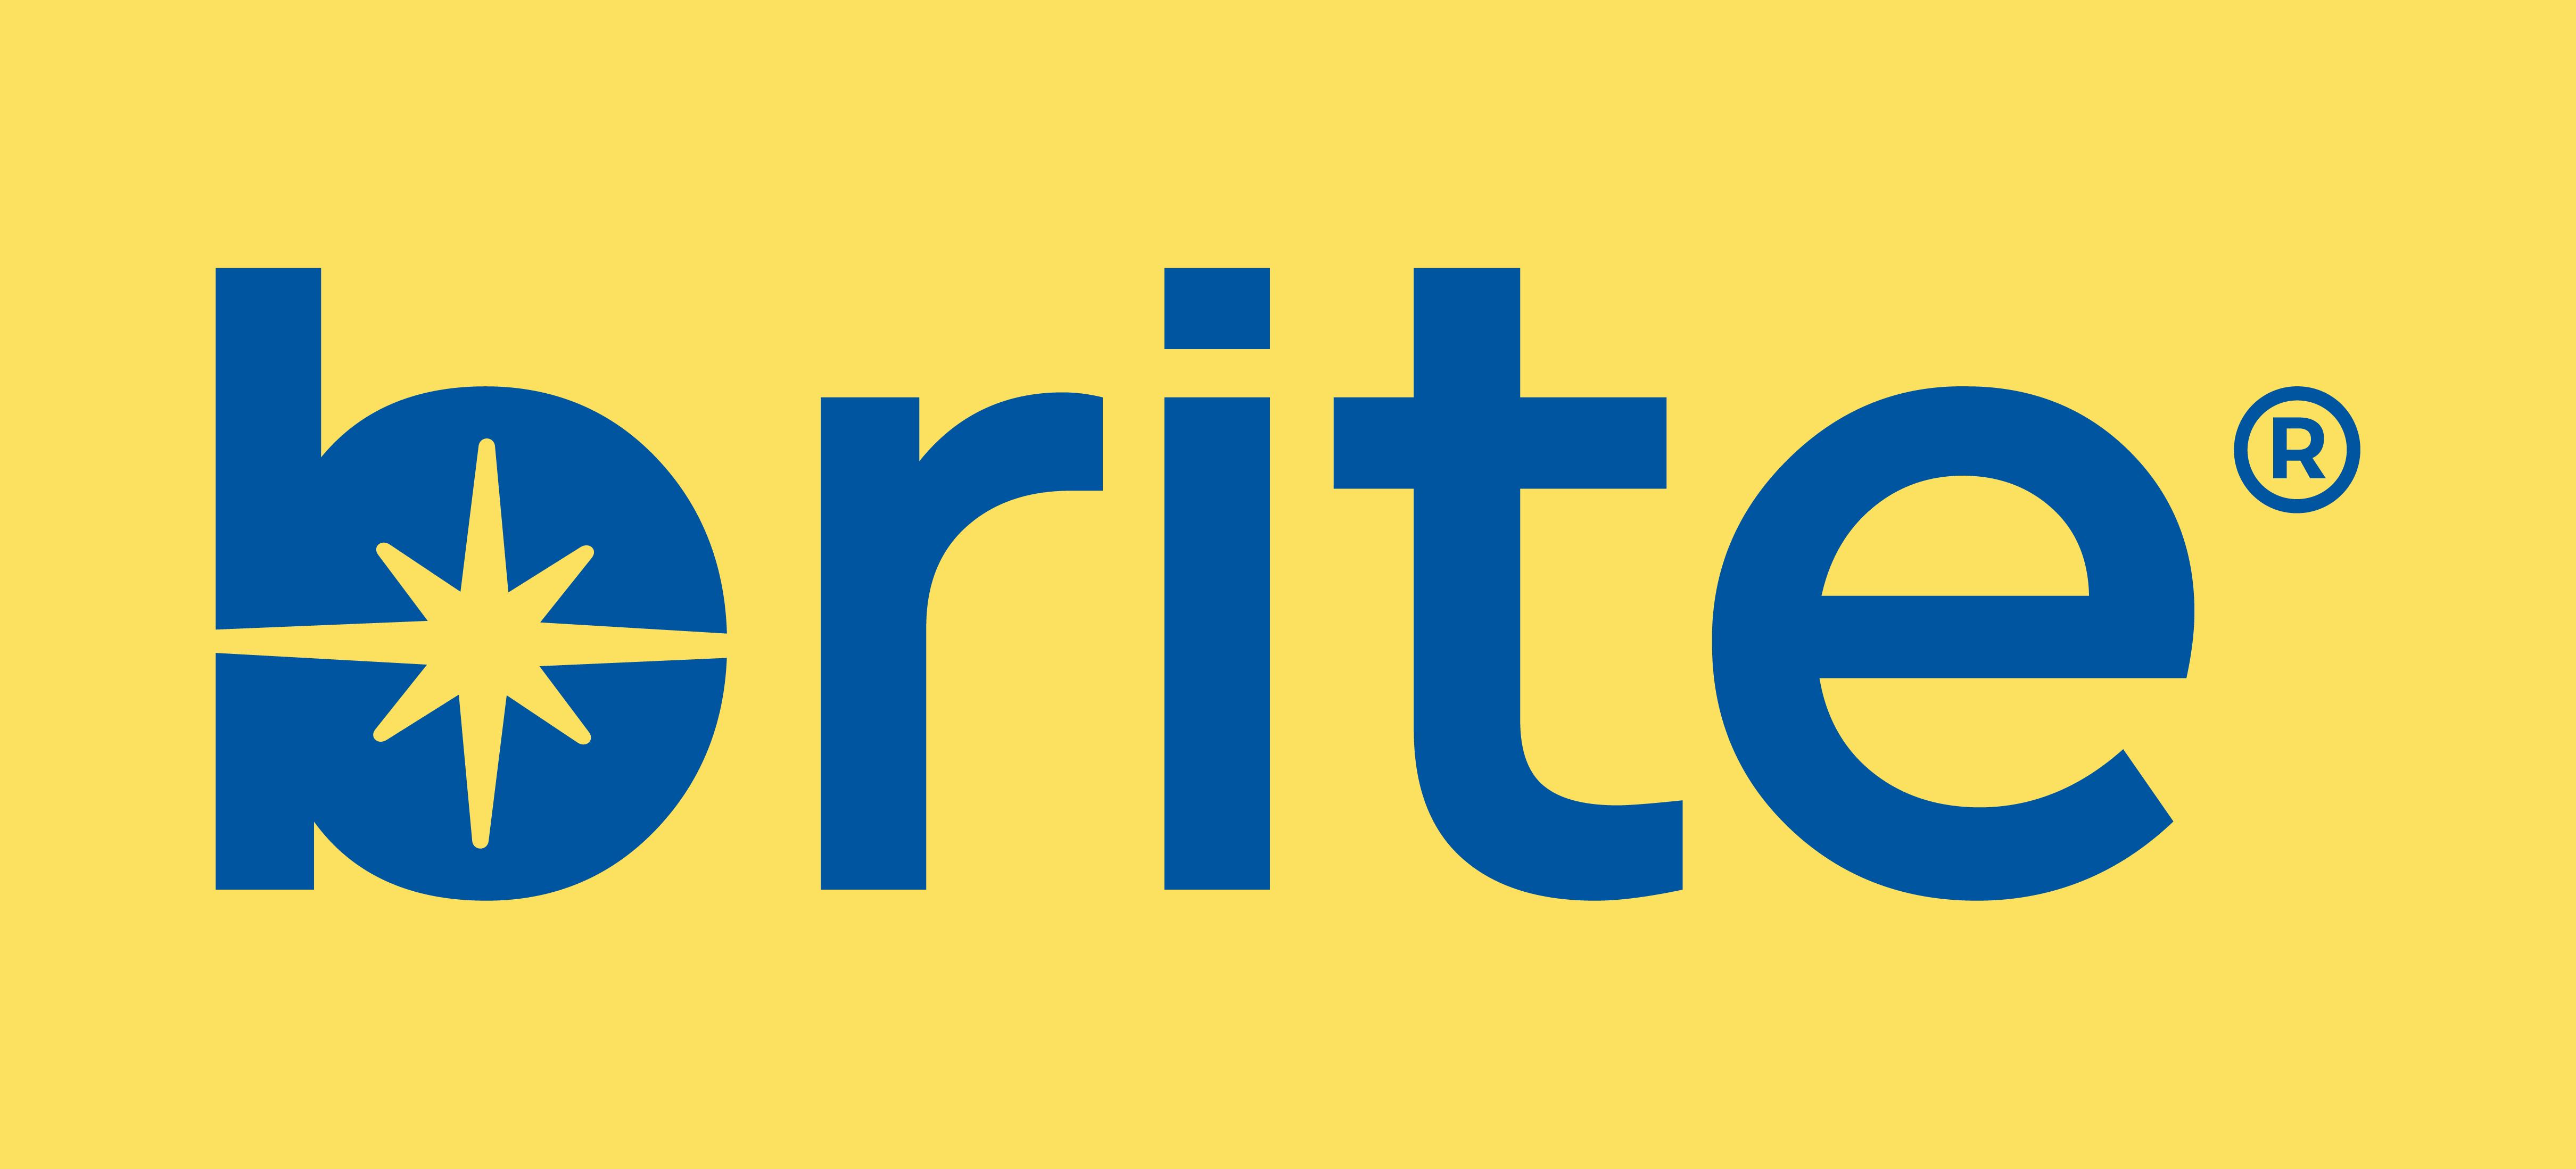 Brite Logo Refresh